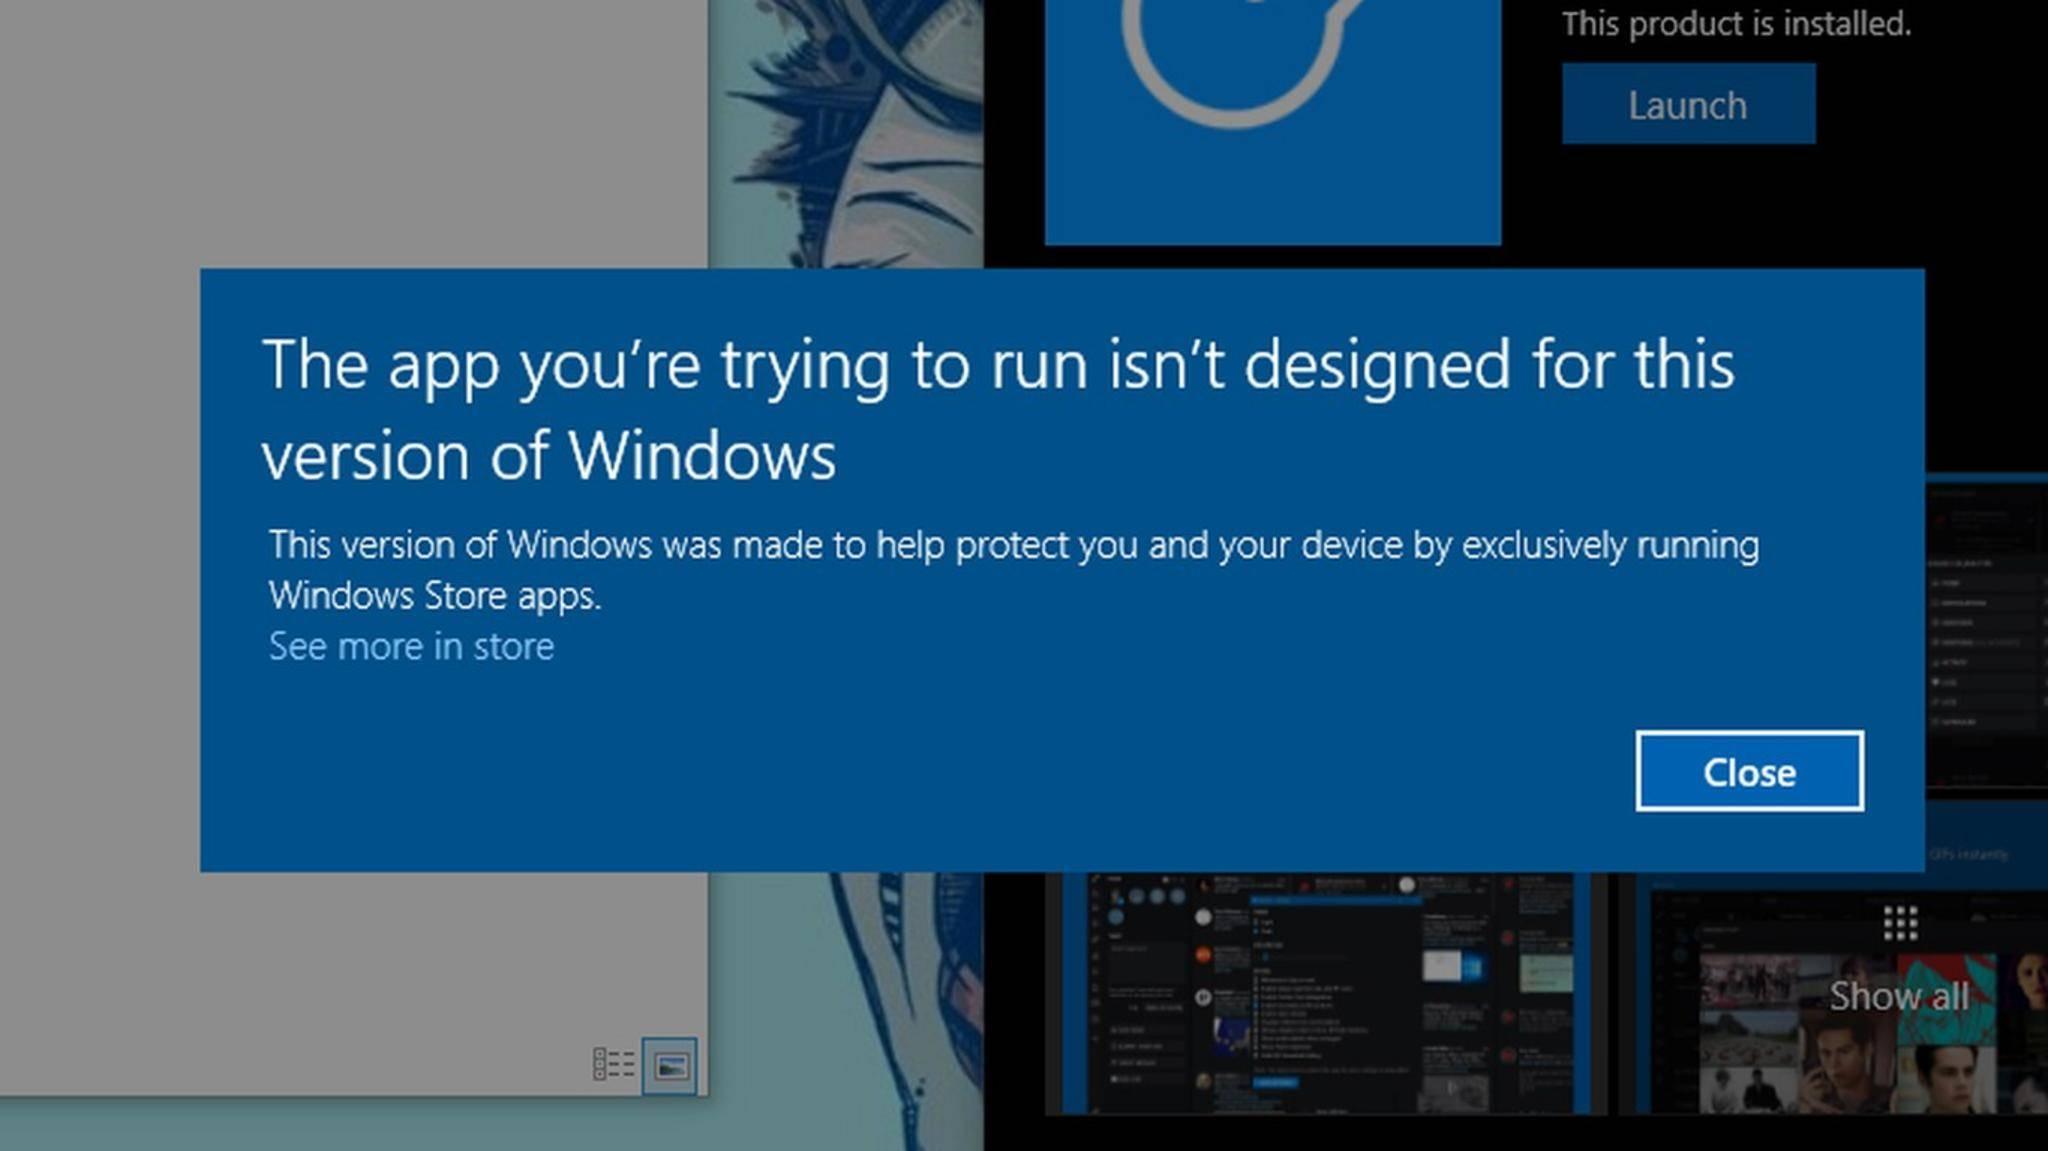 Windows 10 Cloud ist in einer geleakten Vorabversion nur mit Apps aus dem Windows Store kompatibel.